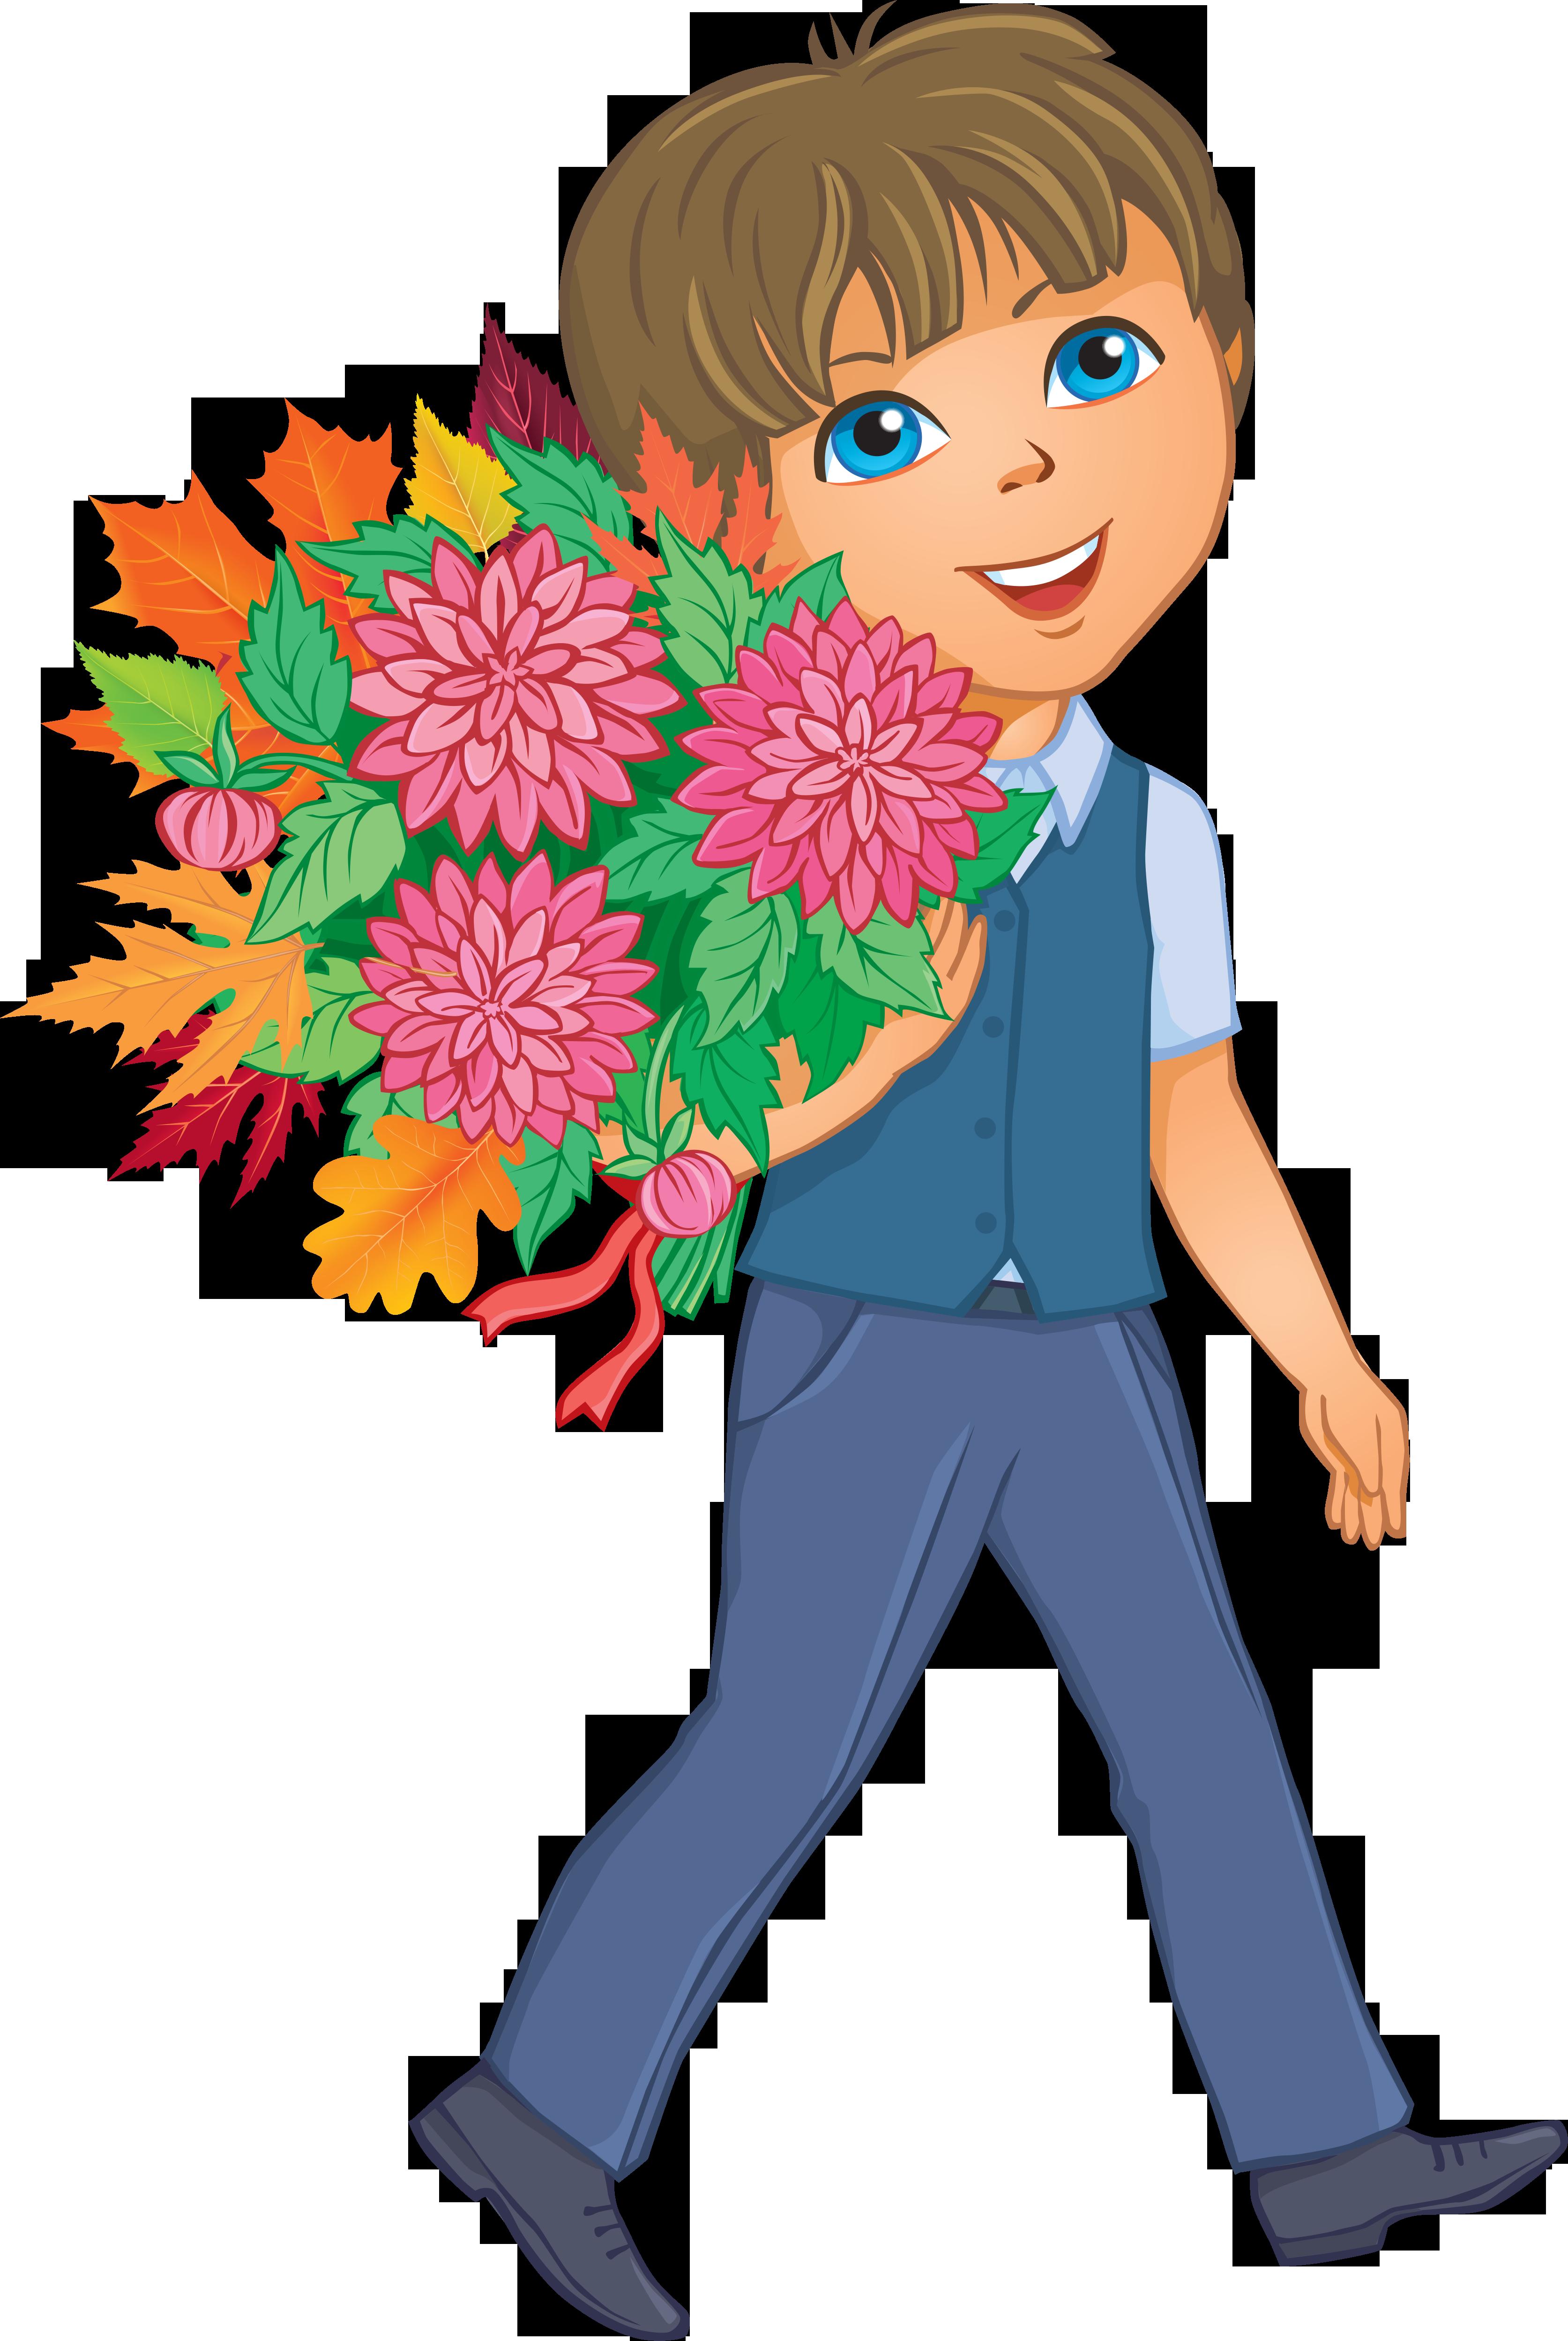 Картинки мальчик с цветами нарисованный